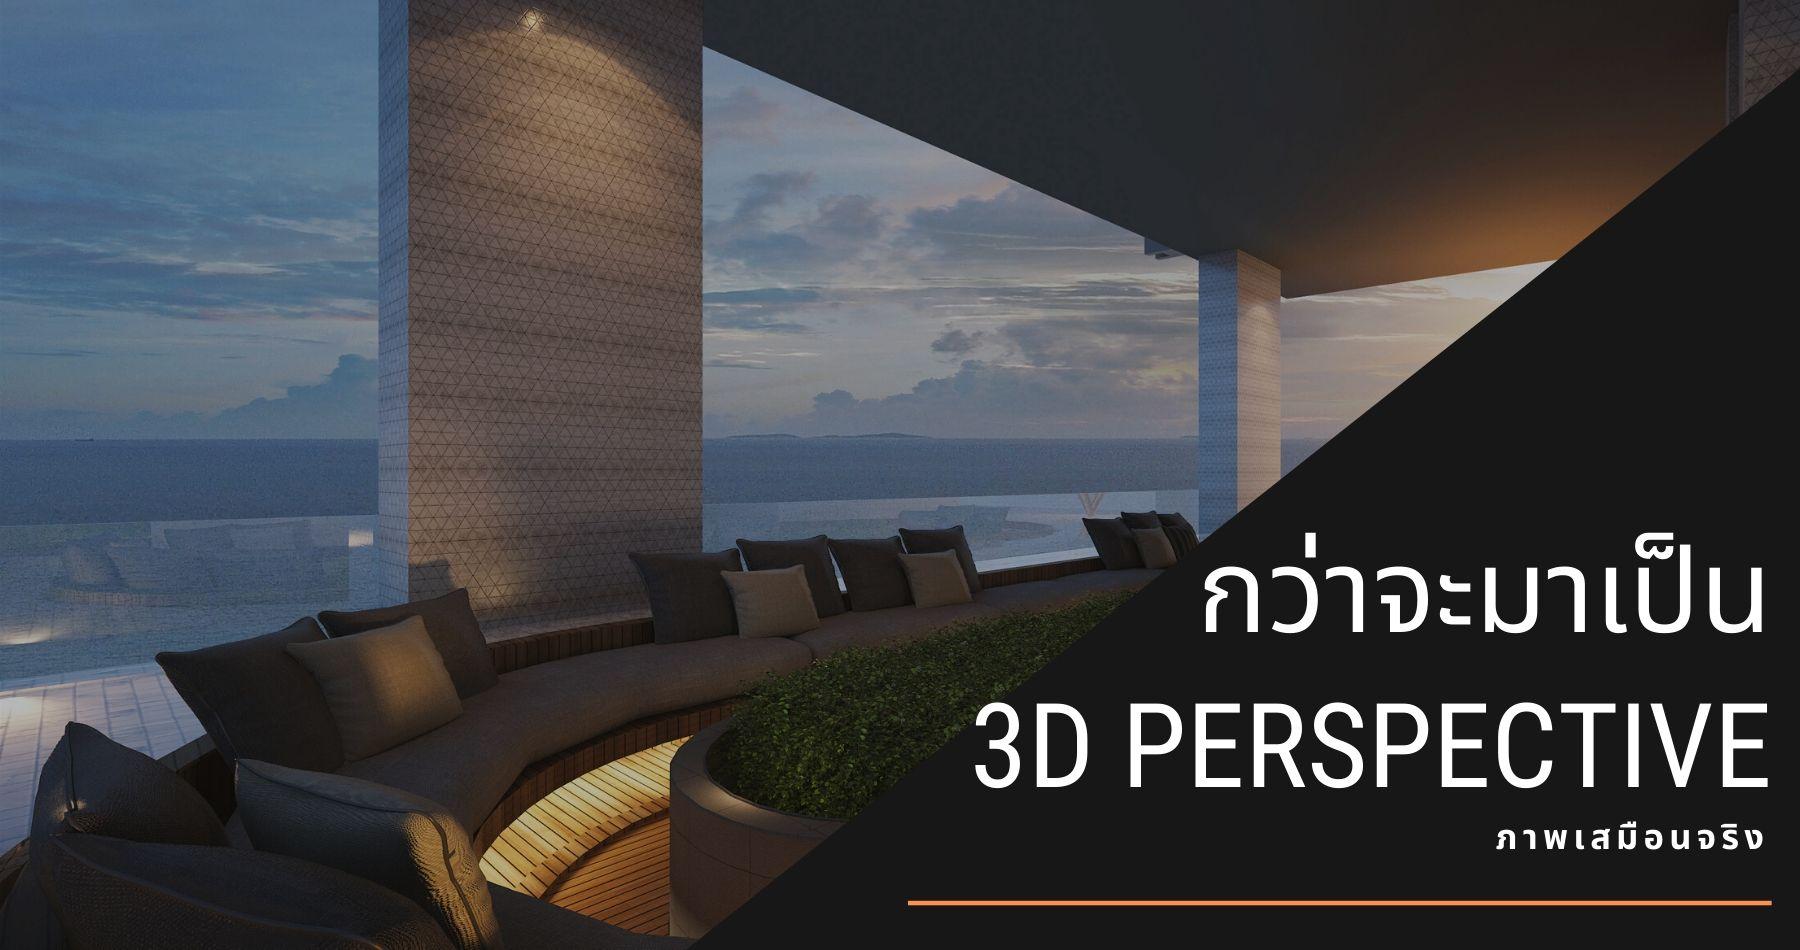 กว่าจะมาเป็นภาพ 3D perspective ภาพเสมือนจริง